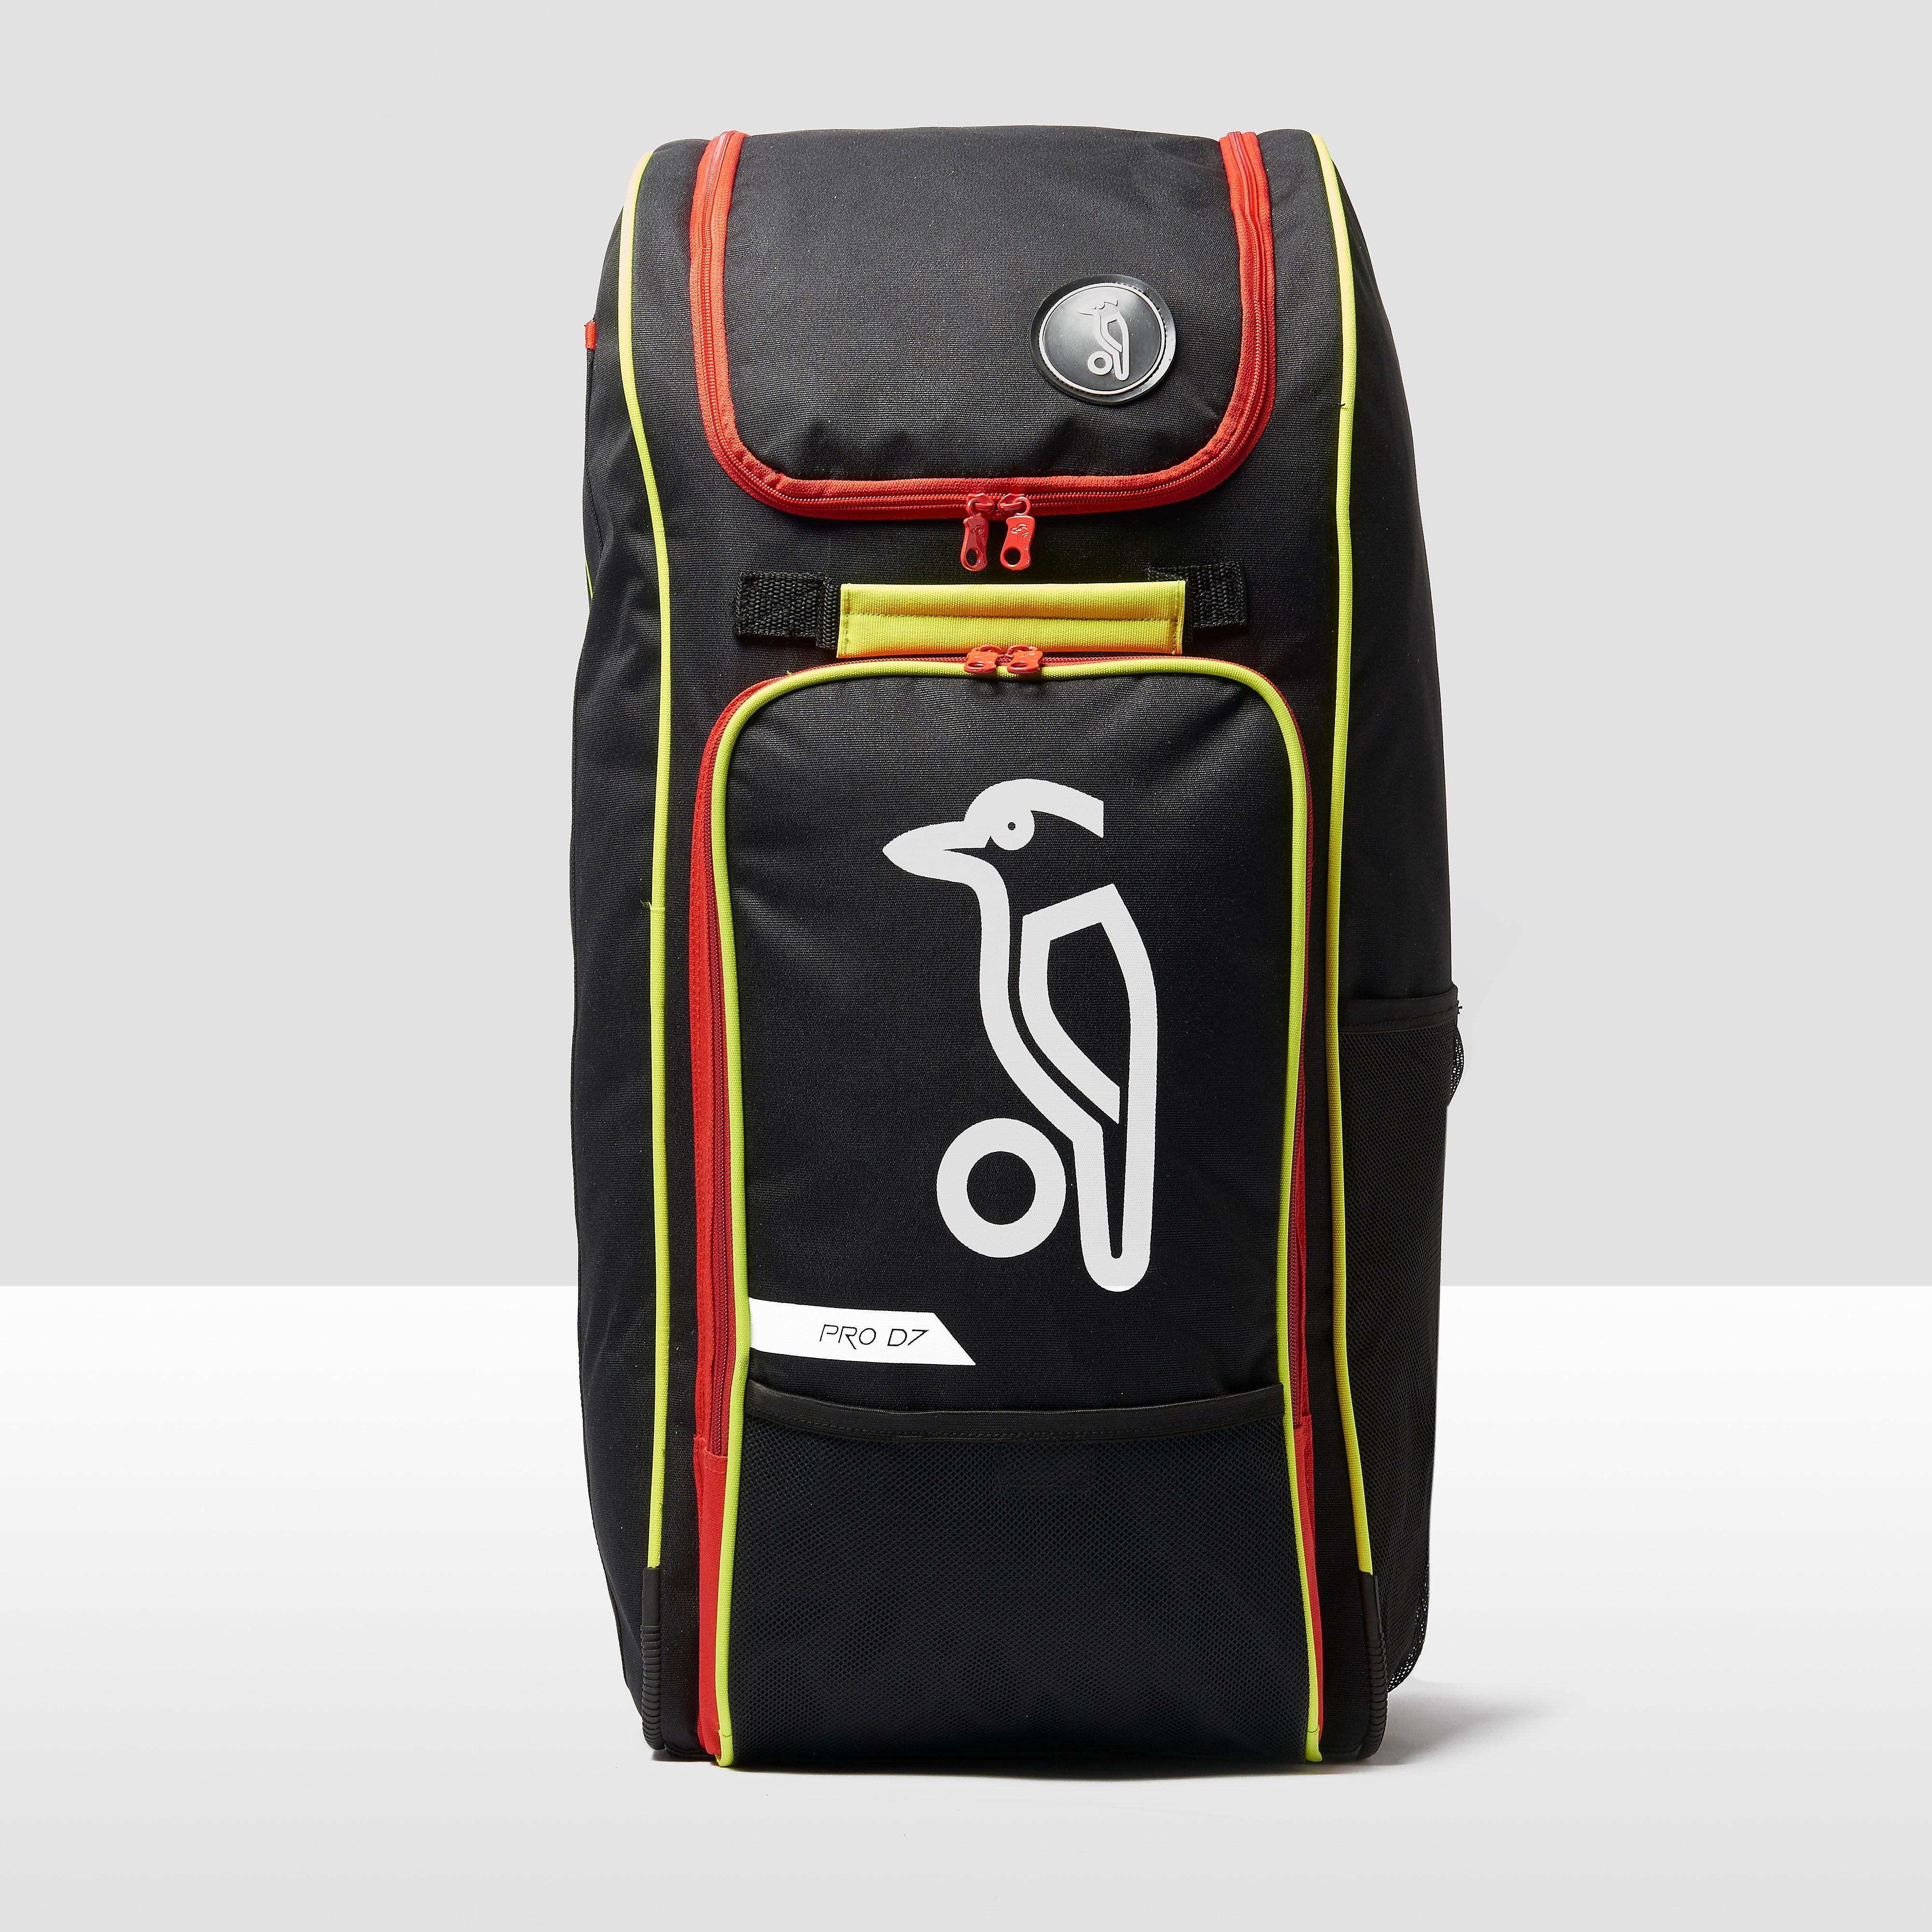 Kookaburra Pro D7 Duffel Bag